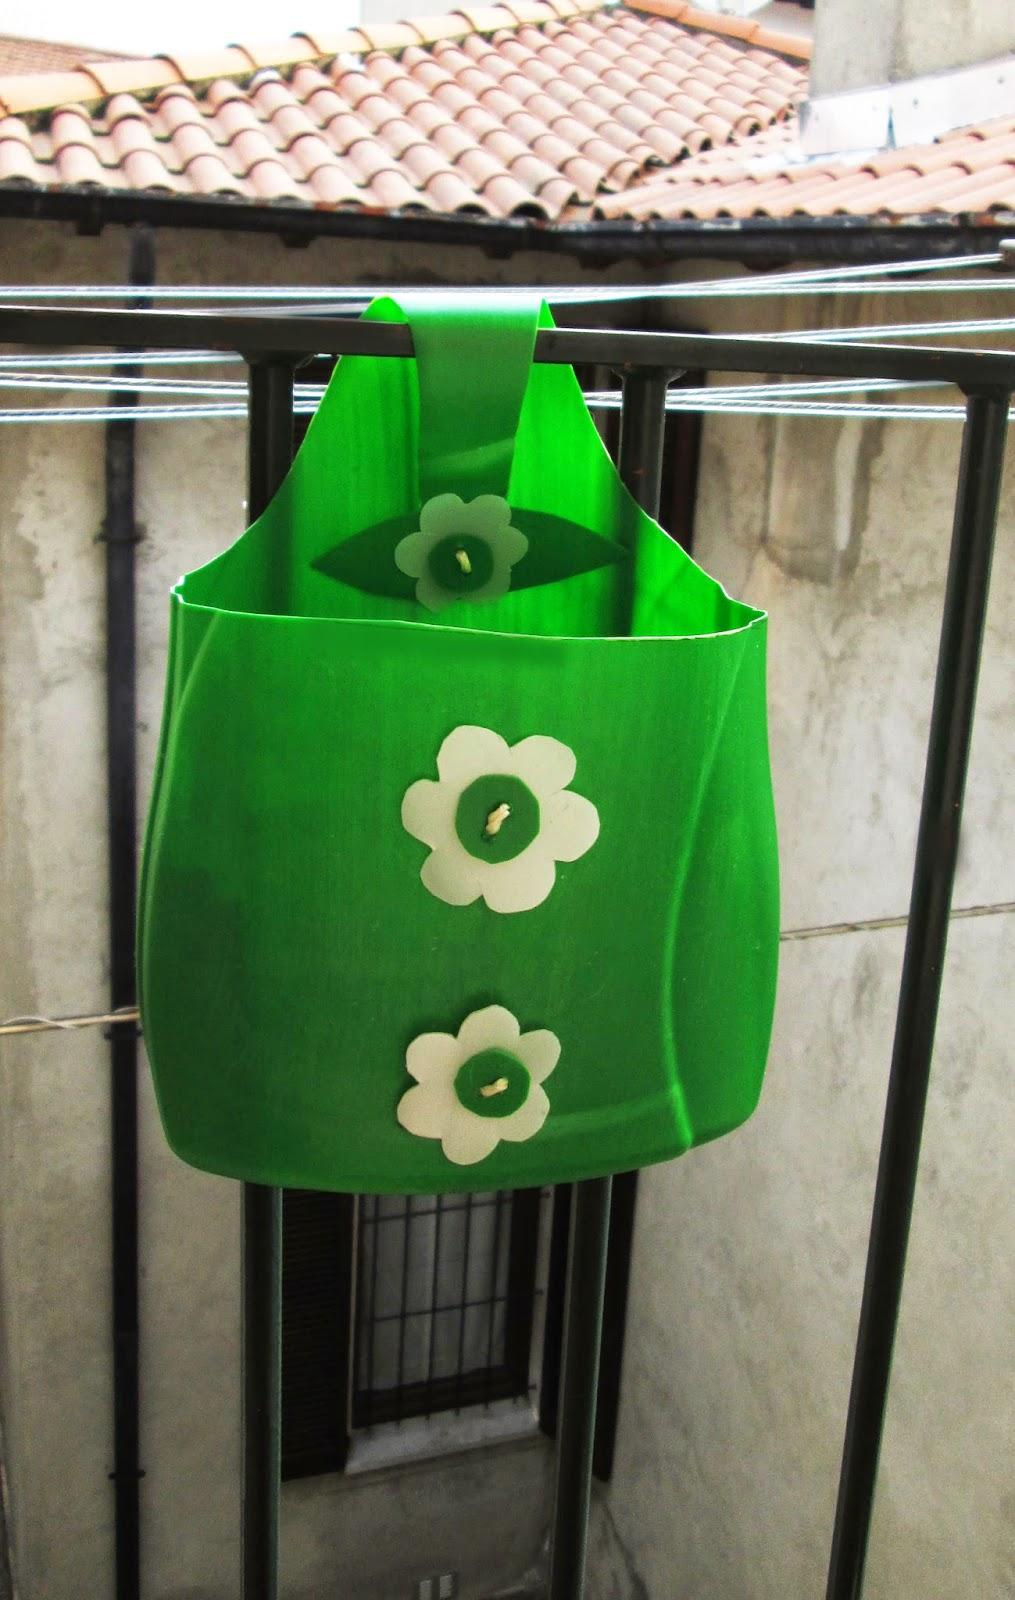 Stelledilatta porta mollette da riciclo plastica - Porta detersivi ...